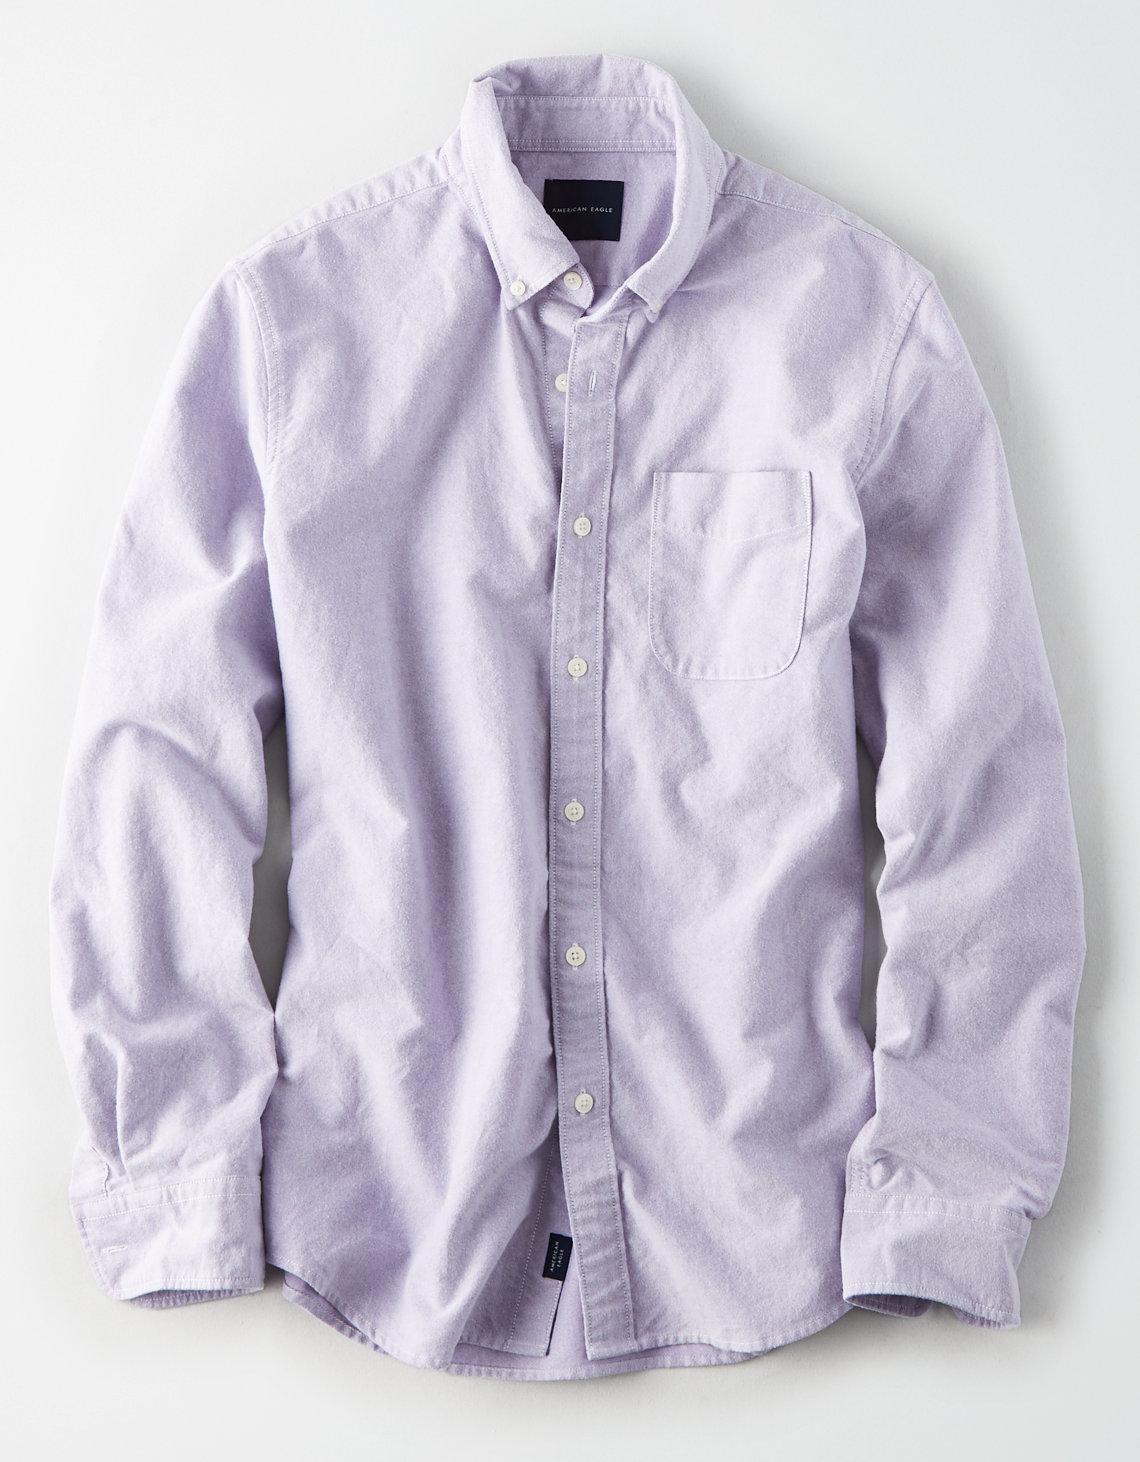 e002c9635739 AE Long Sleeve Oxford Button Down Shirt